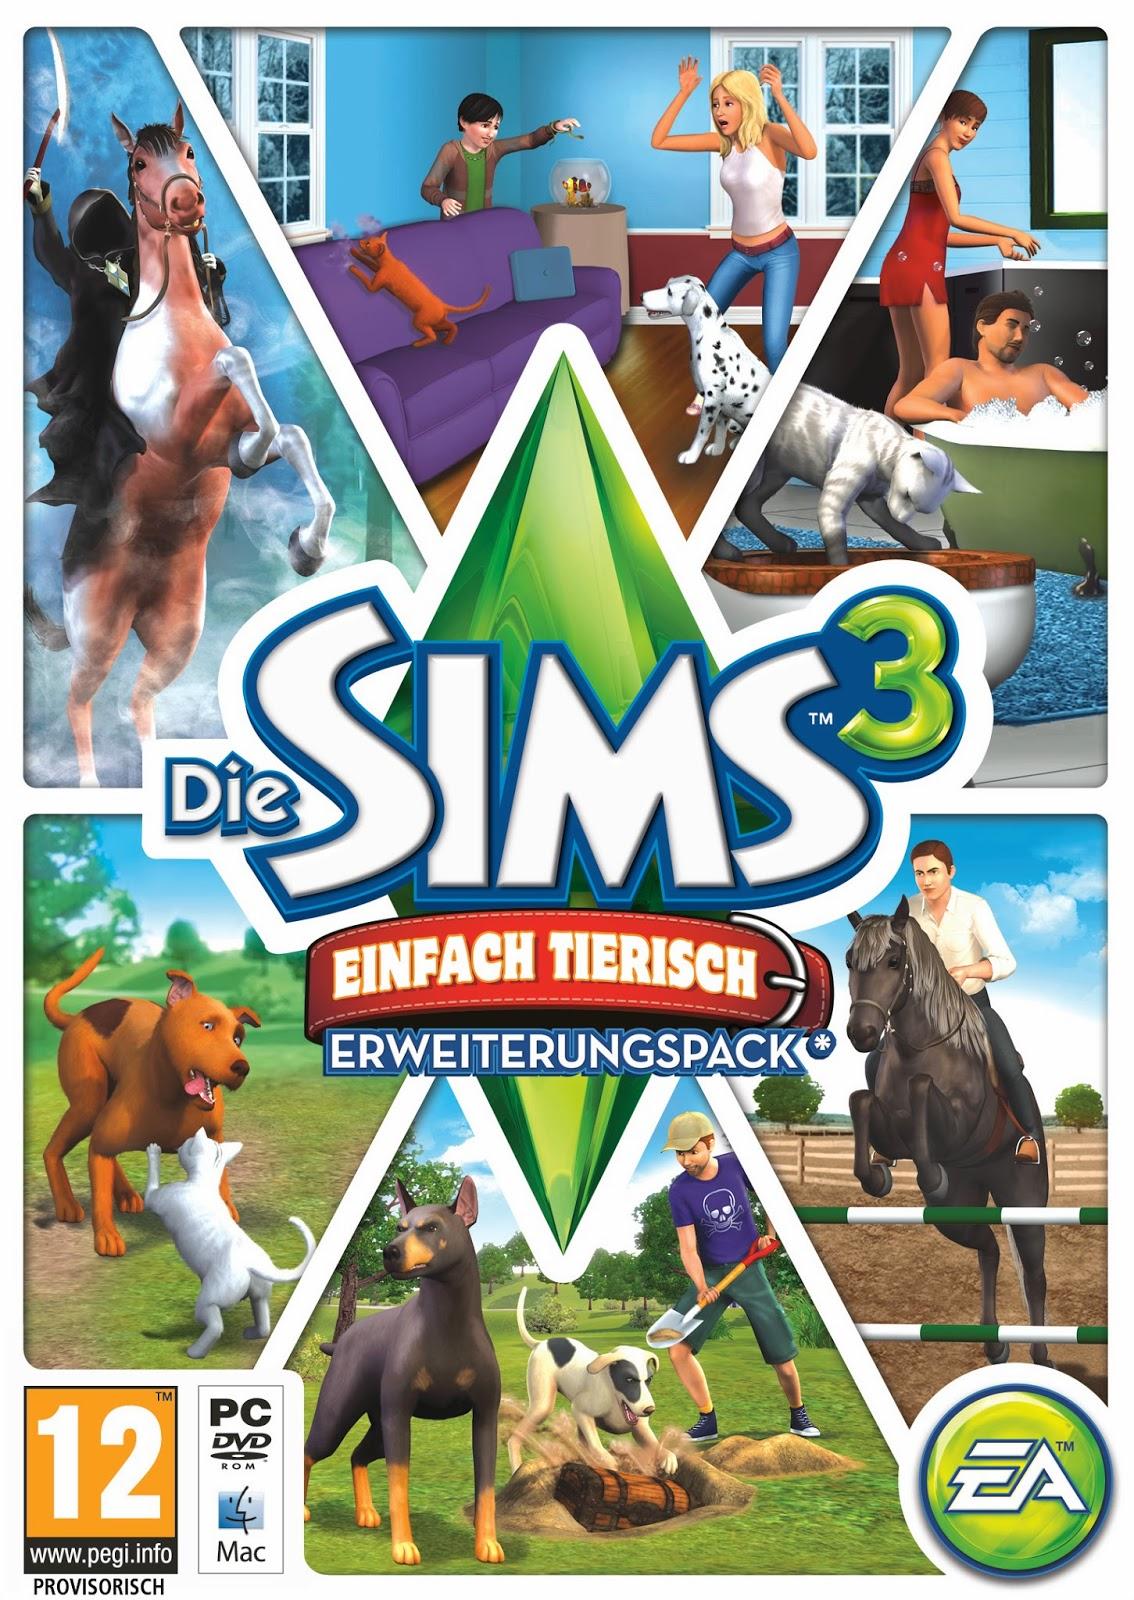 http://www.amazon.de/Die-Sims-Einfach-tierisch-Add-On/dp/B0055X673G/ref=sr_1_7?ie=UTF8&qid=1406036563&sr=8-7&keywords=Die+Sims+3+-+Einfach+Tierisch